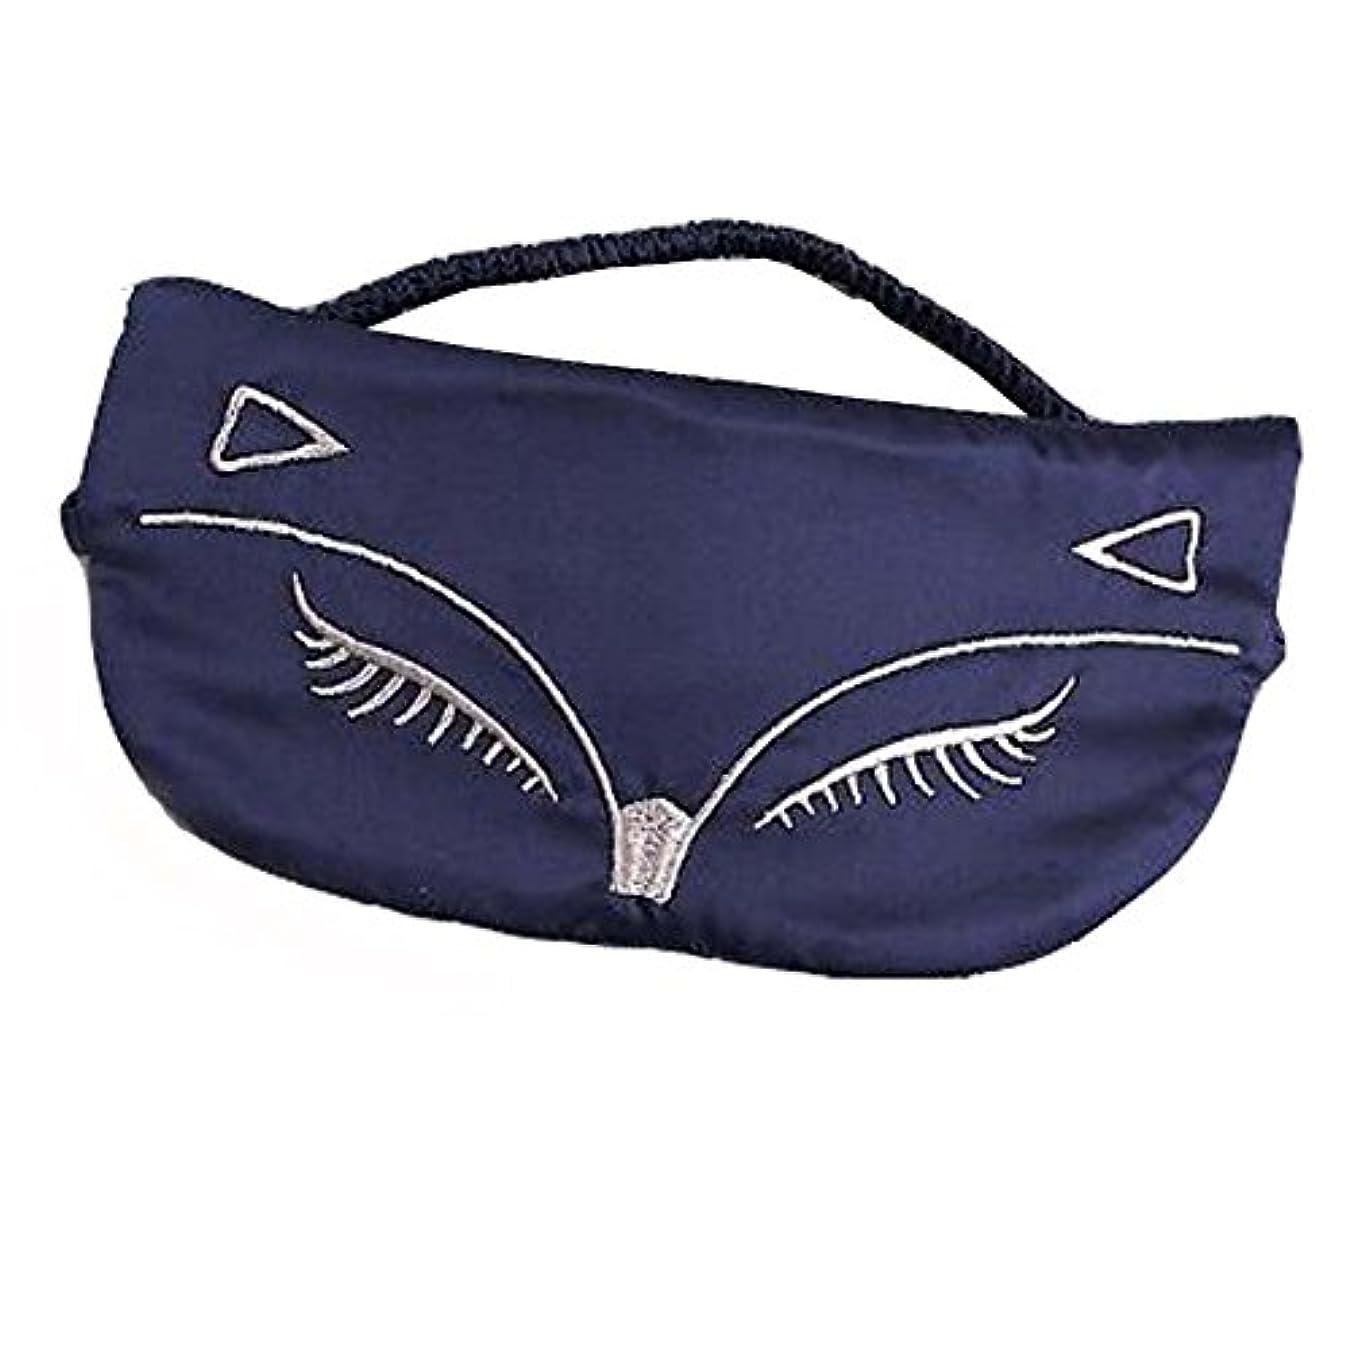 震える発表する繊毛美しいフォックスデザインのソフトシルクスリープアイマスクカバーブルー